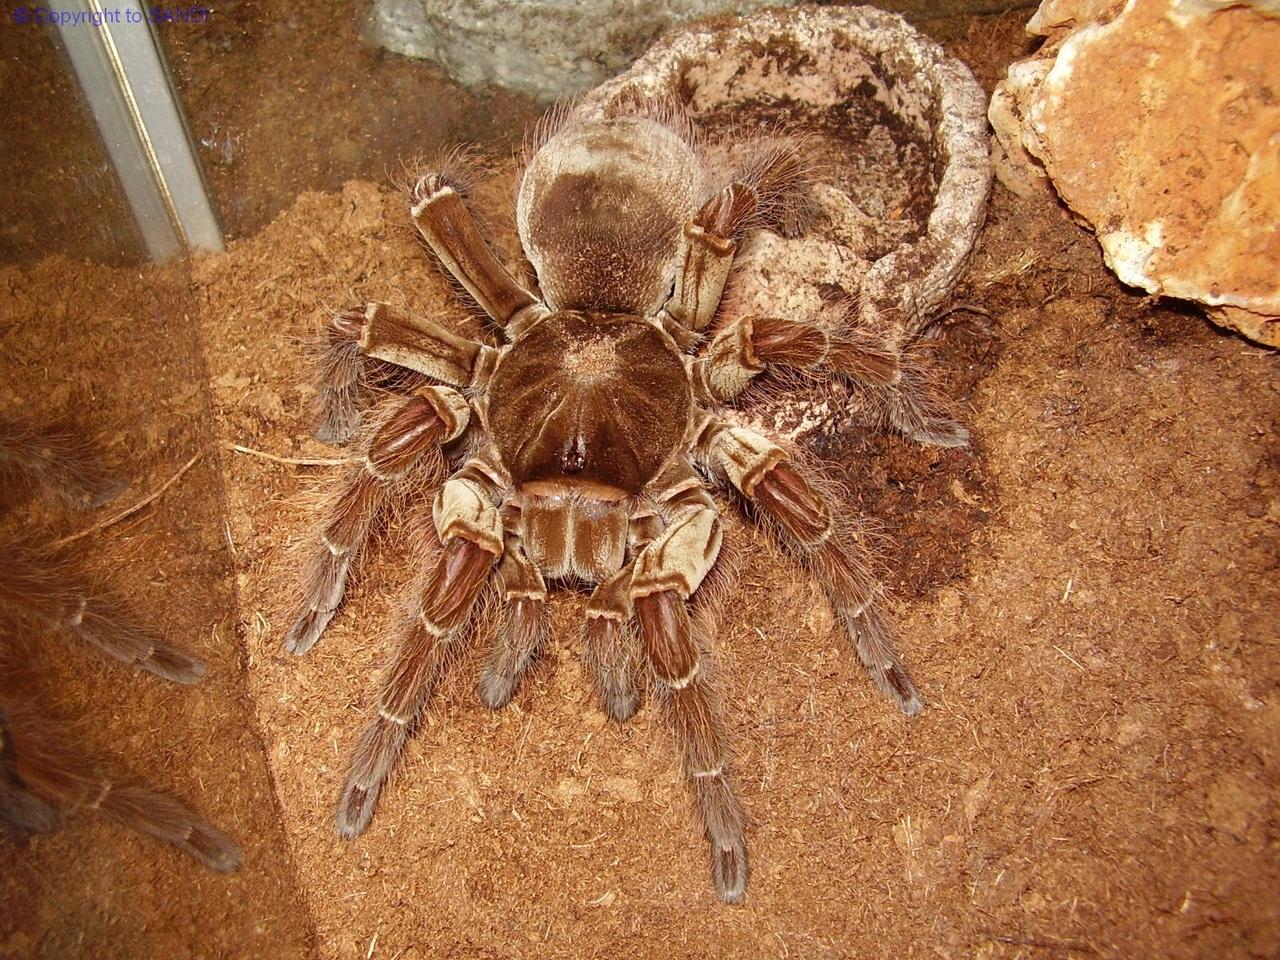 Самые большие пауки в мире: топ 10 крупнейших насекомых